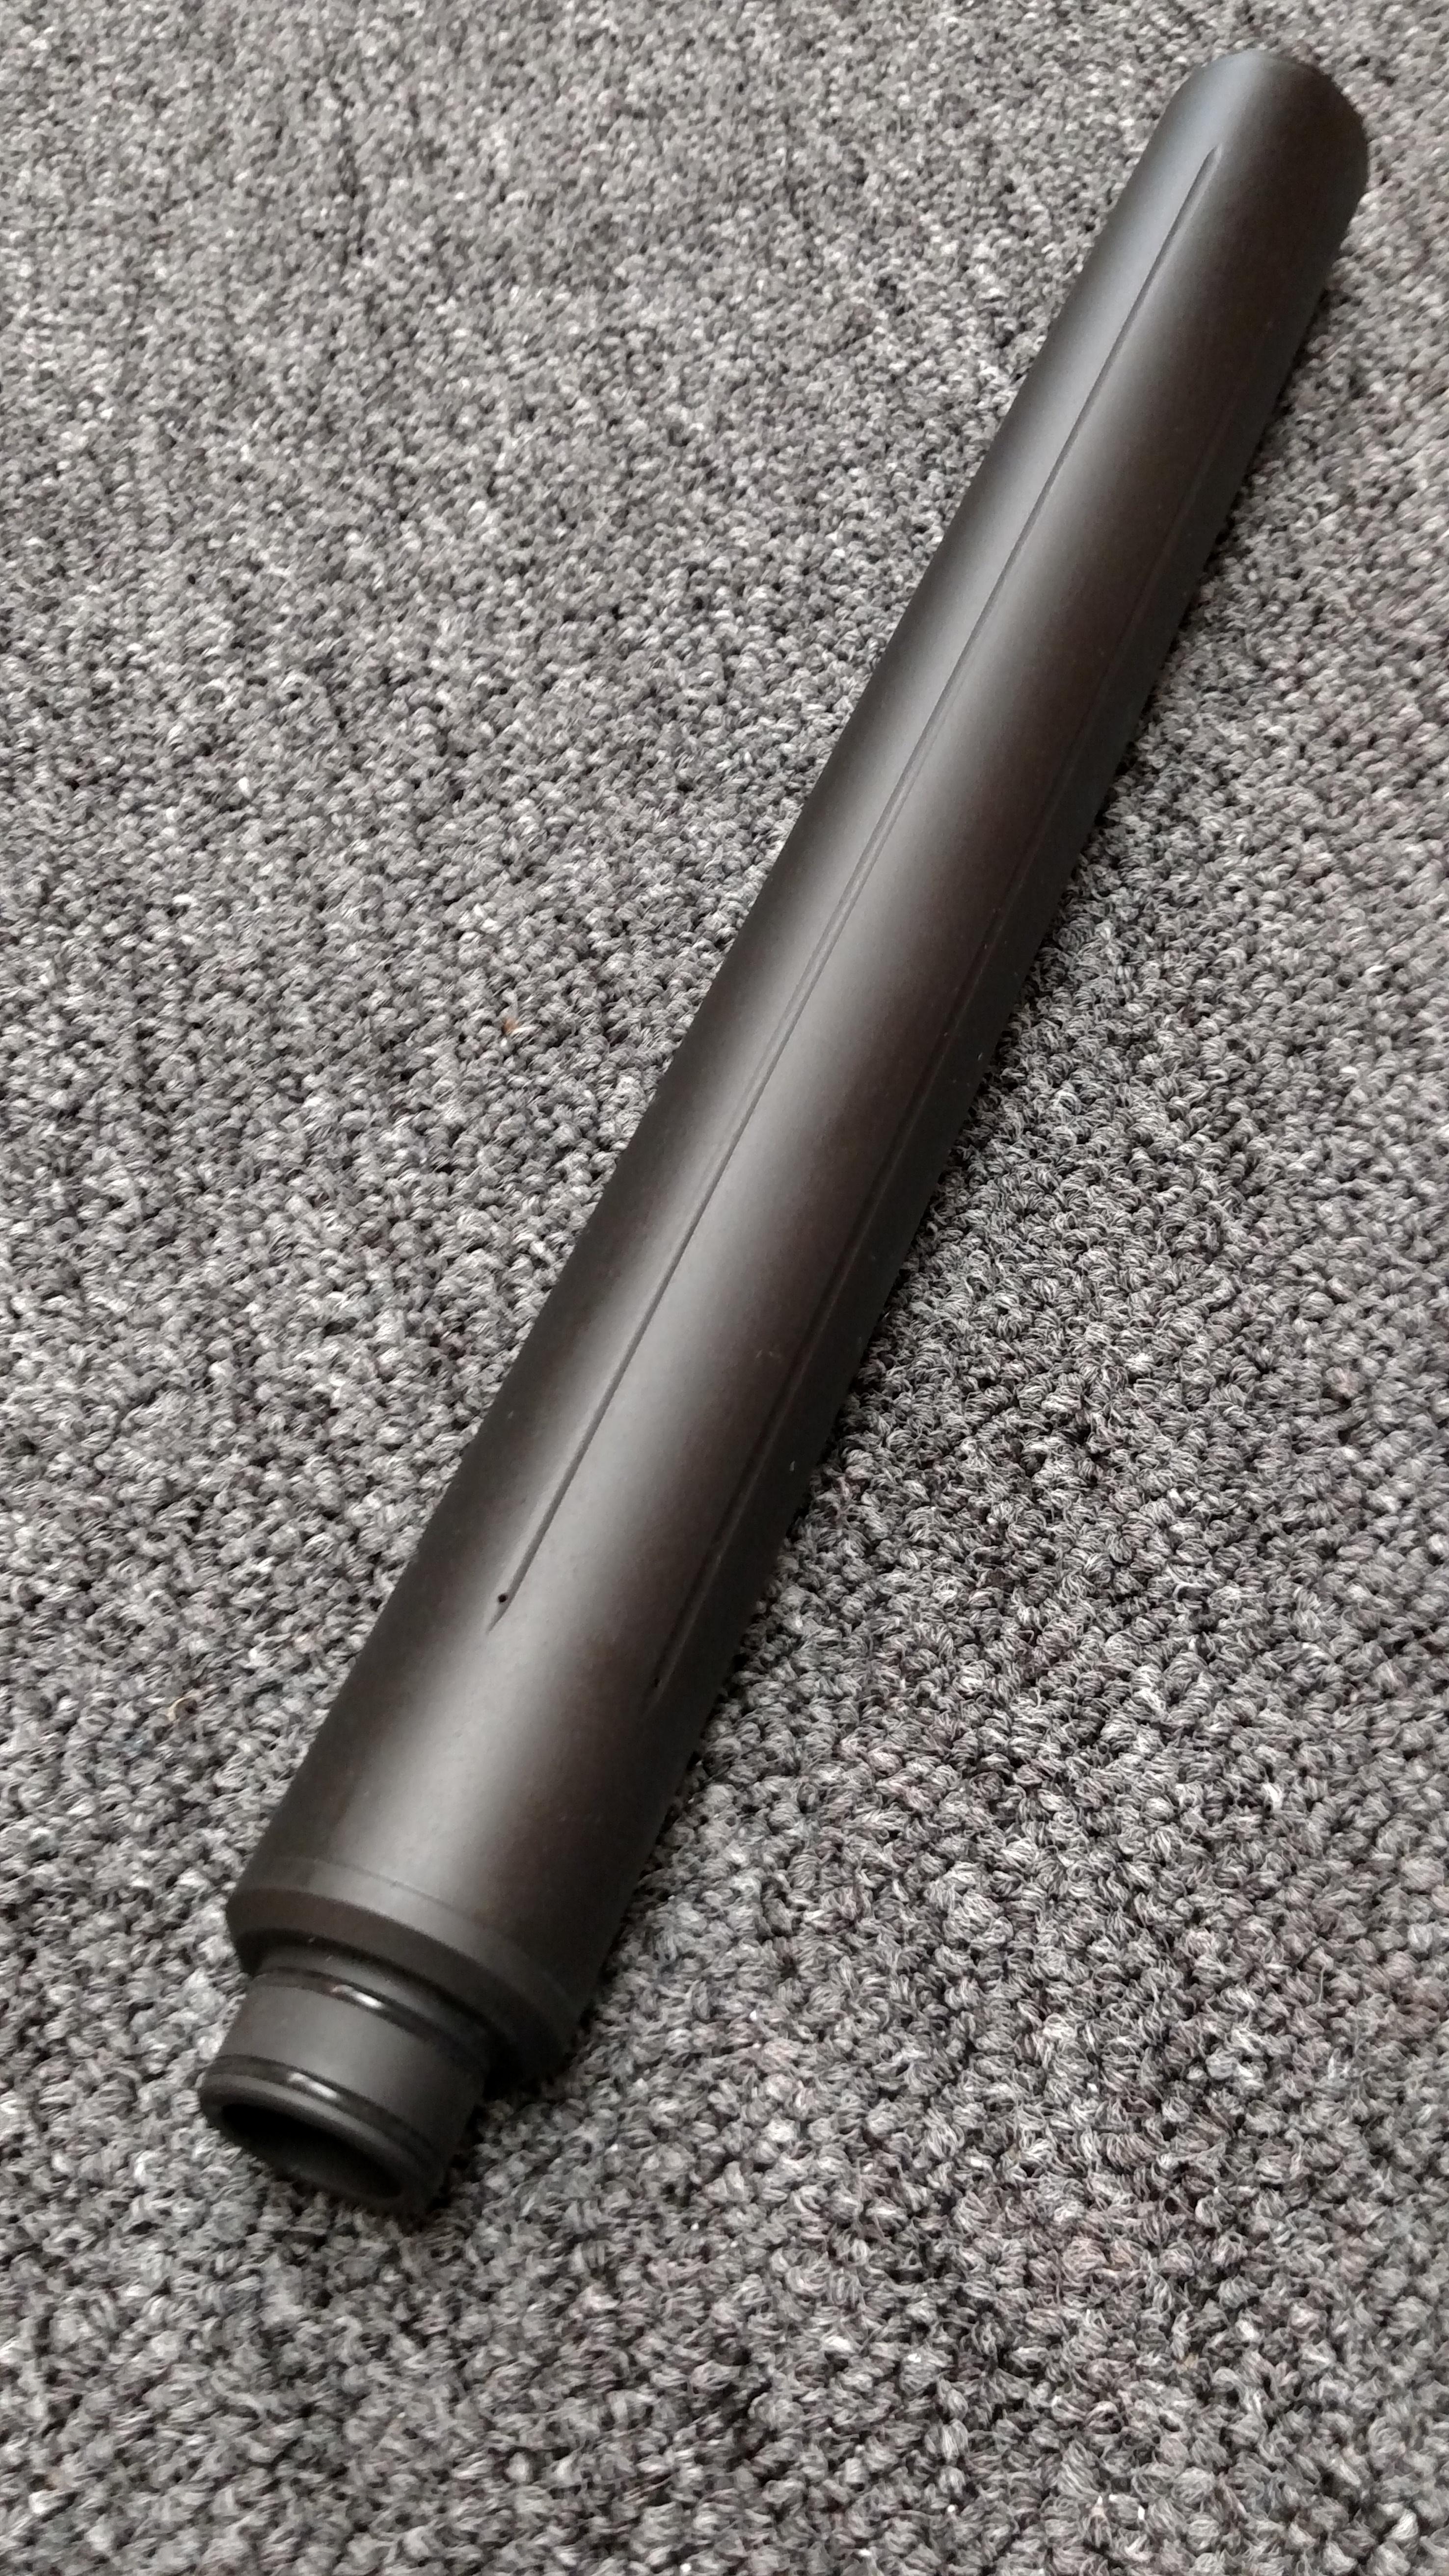 Airgun Moderators